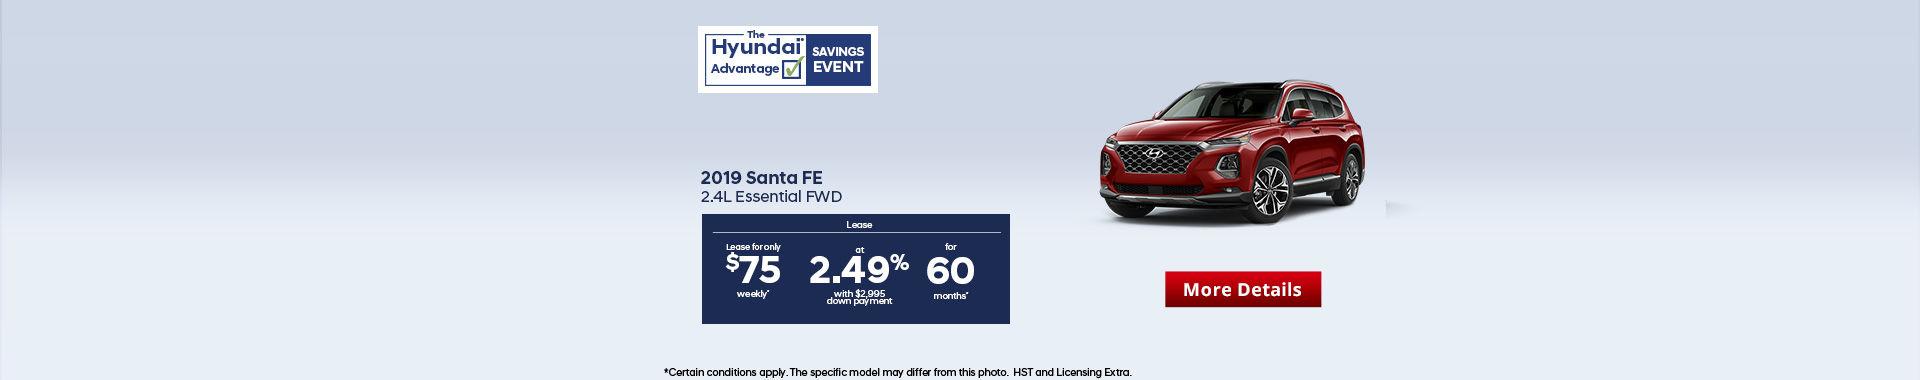 Hyundai Santa Fe - Header